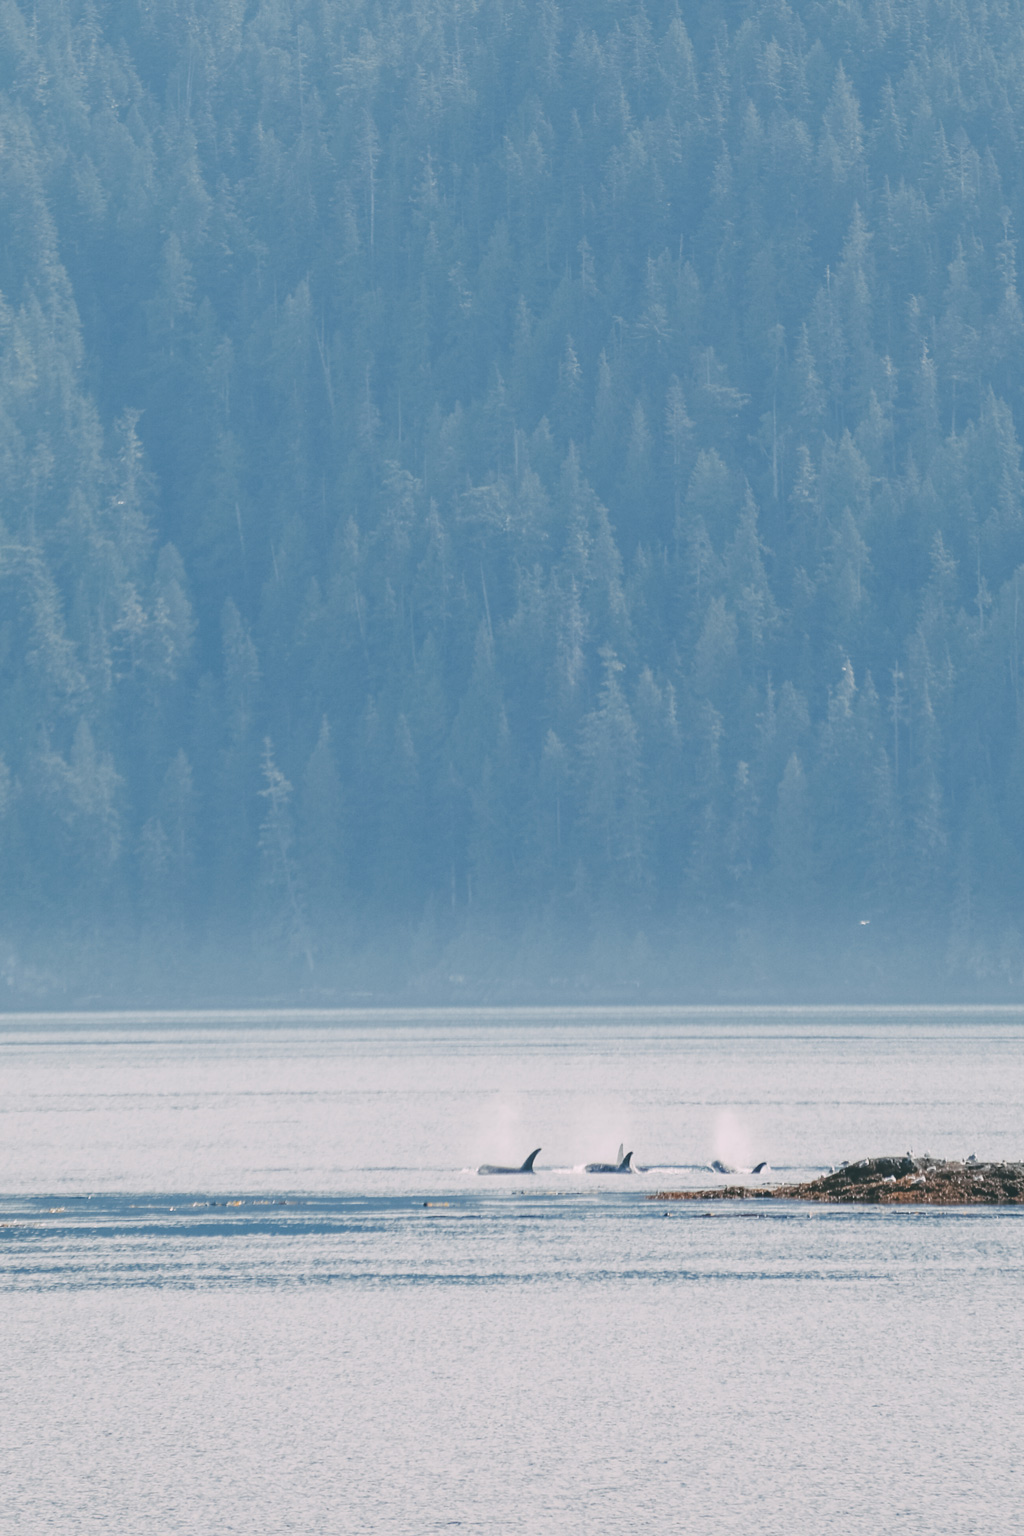 Whale Watching Vancouver Island: Drei Orca Flossen ragen aus dem Wasser raus.